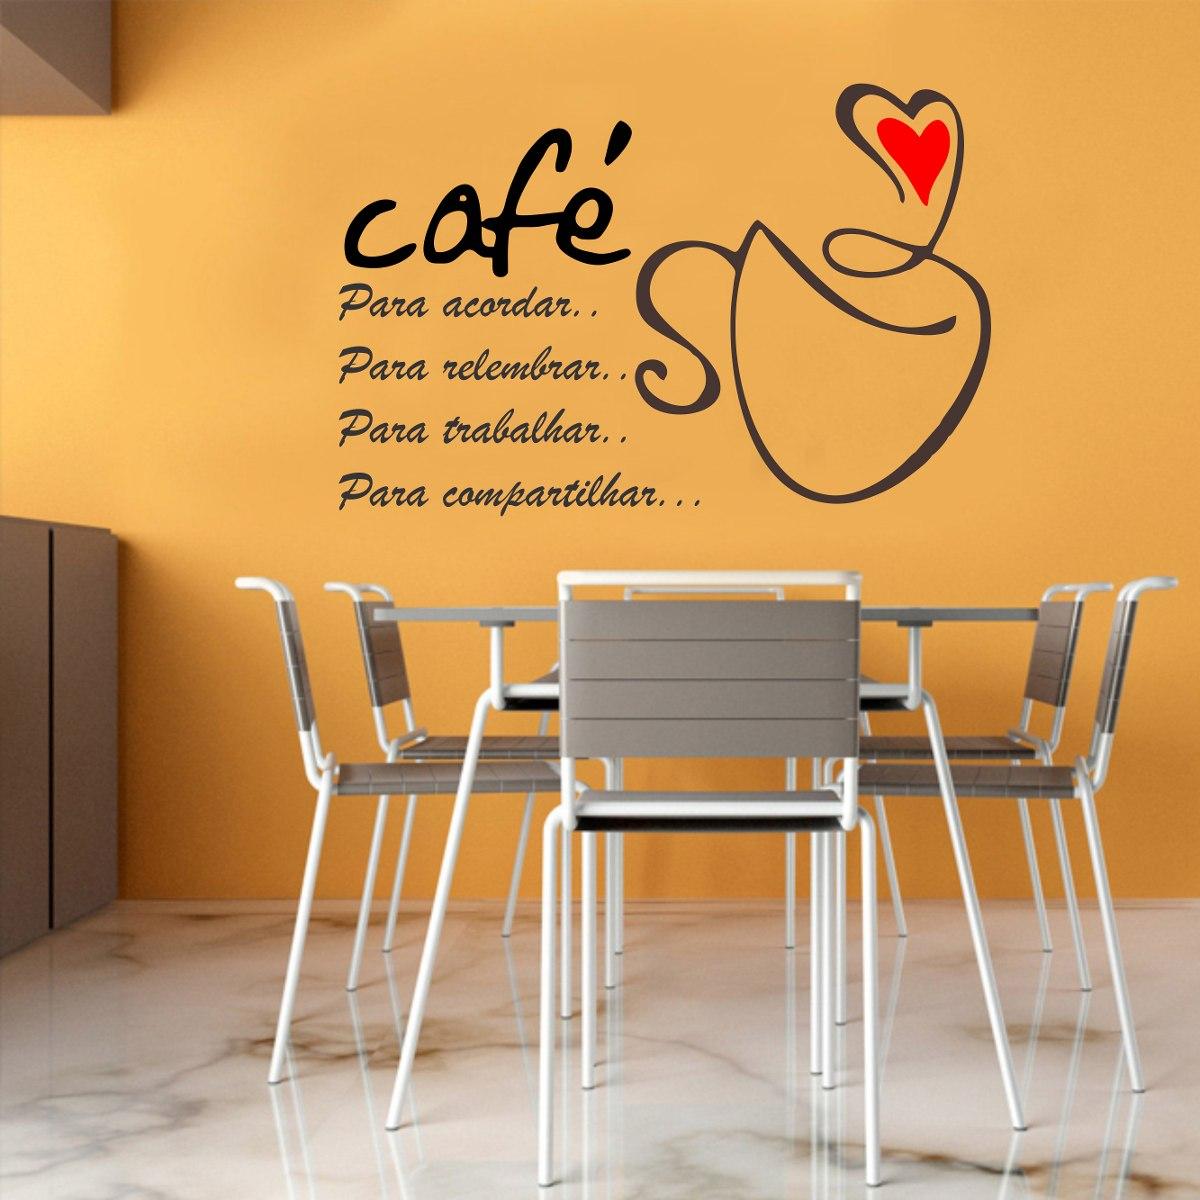 4459a0a03 adesivo decorativo parede cozinha geladeira café frases. Carregando zoom.